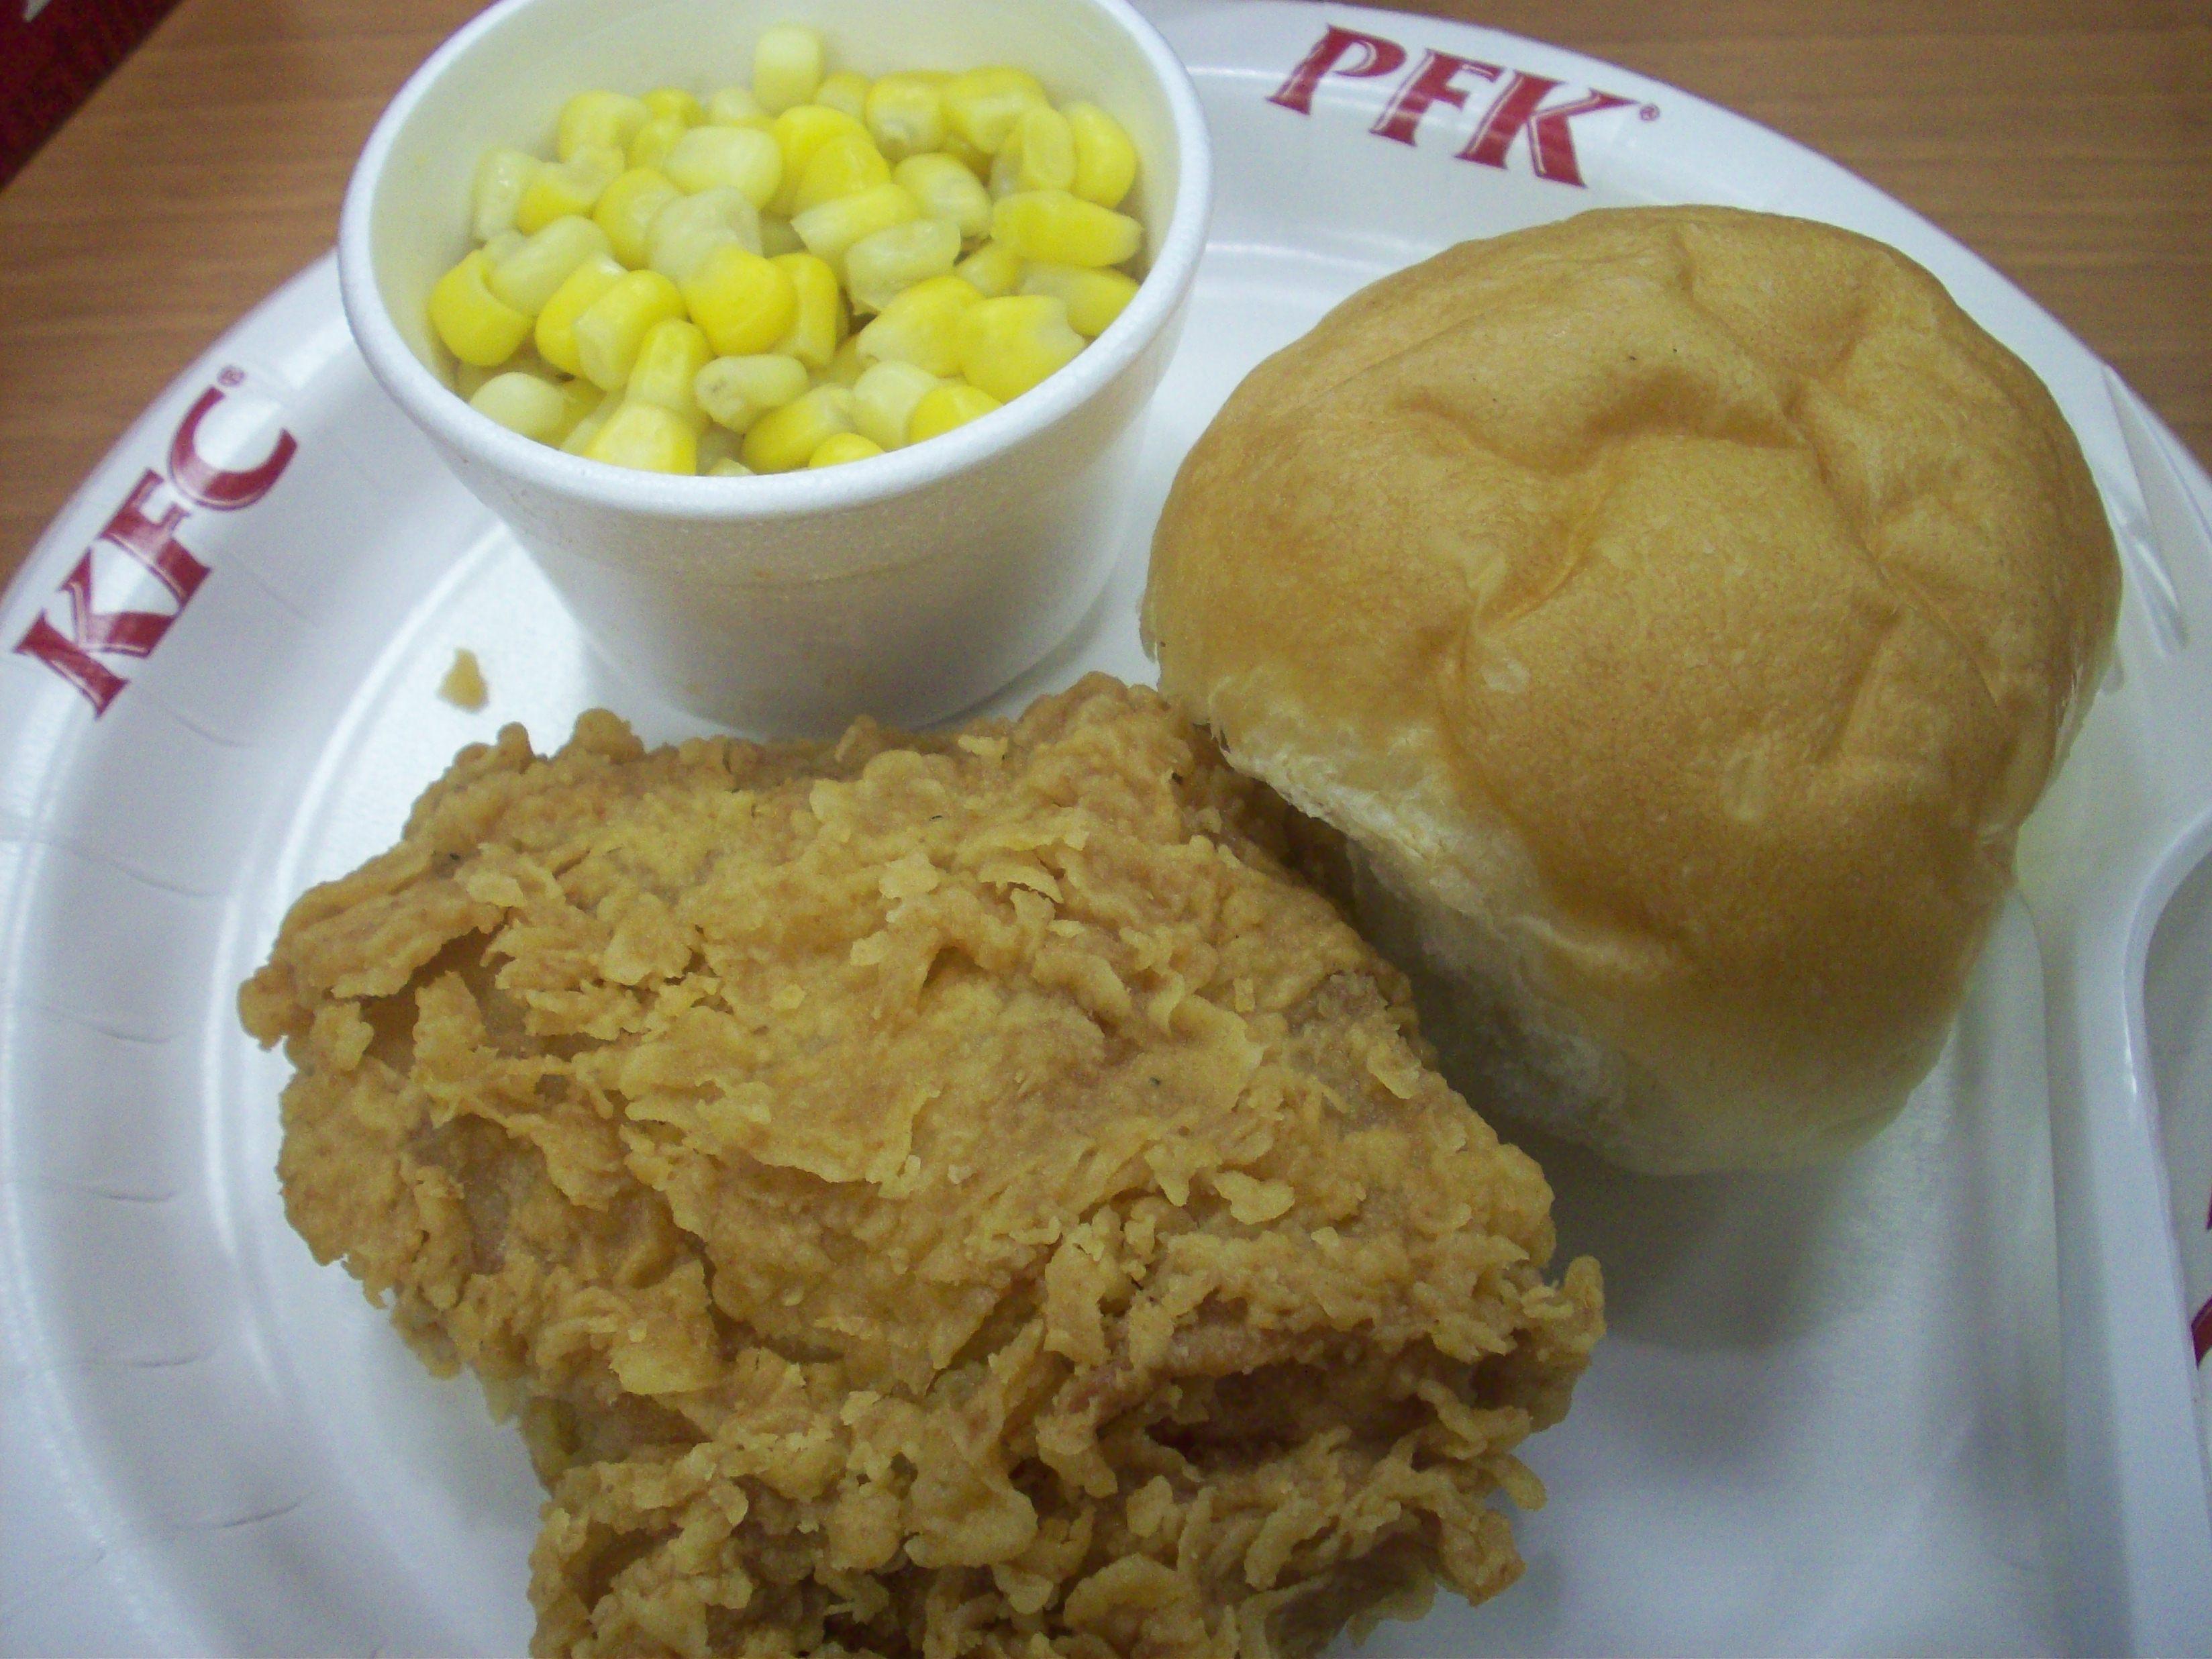 http://foodloader.net/cutie_2010-08-25_KFC_Chicken.jpg